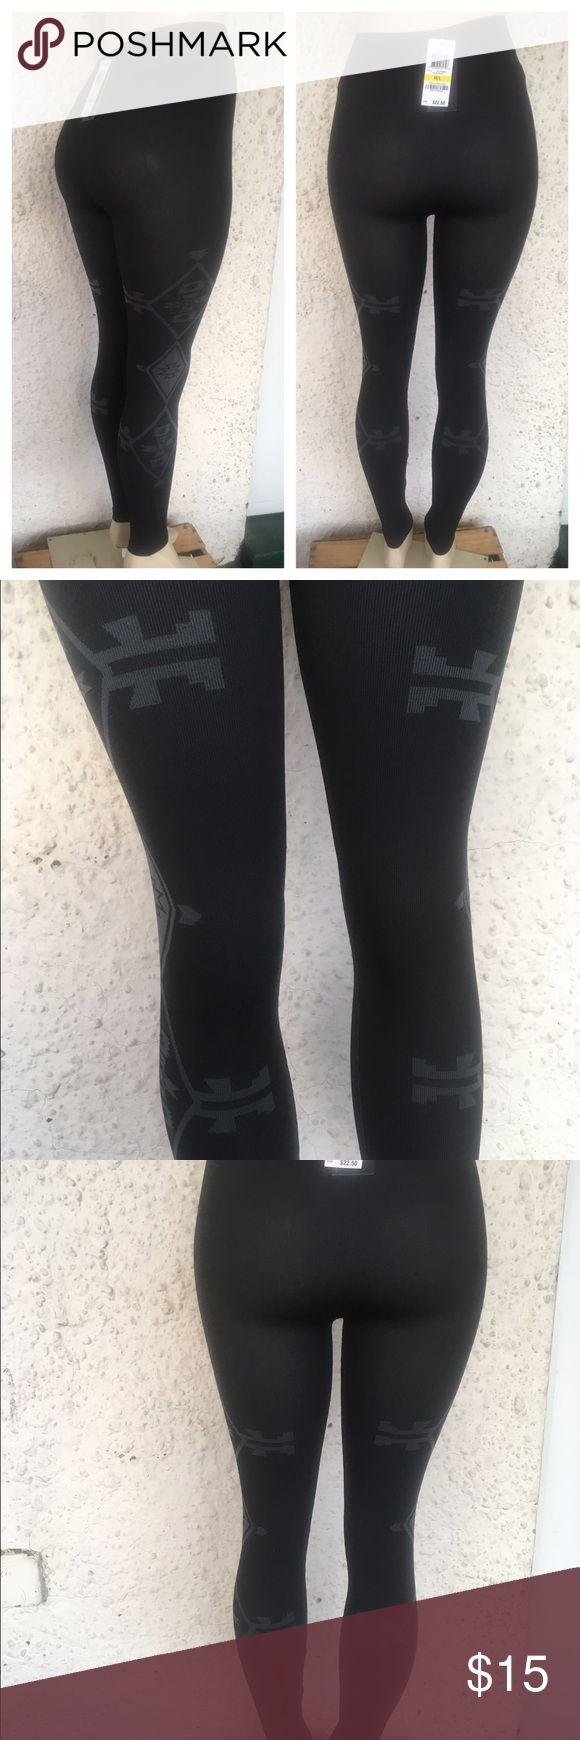 ✨ Black Leggings ✨ Material Girl Black Leggings ✨ Stretchy Material Material Girl Pants Leggings